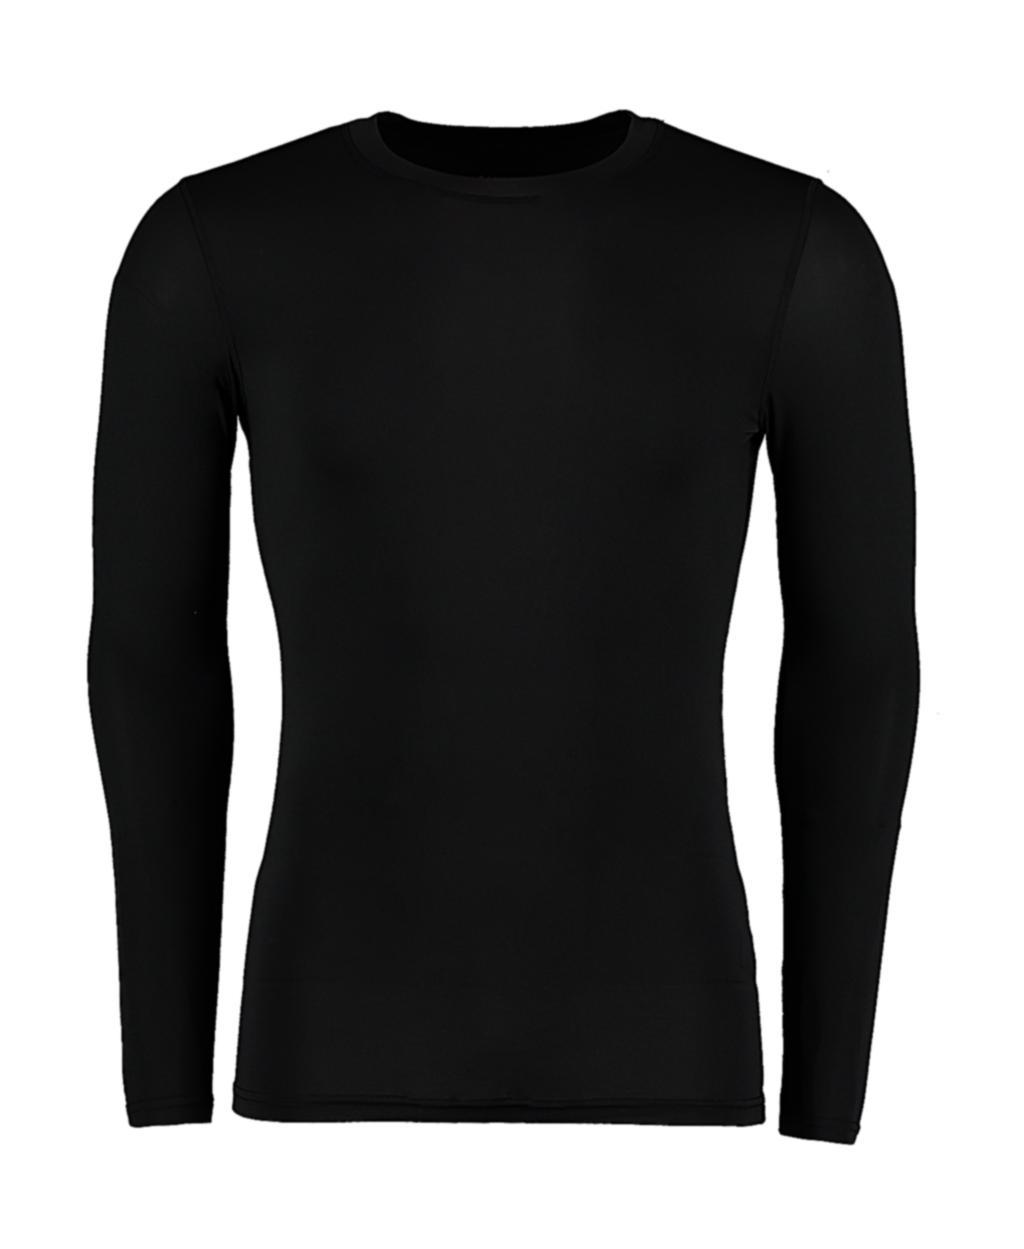 Podvlékací trièko Warmtex® s dl. rukávem  P/  - zvìtšit obrázek